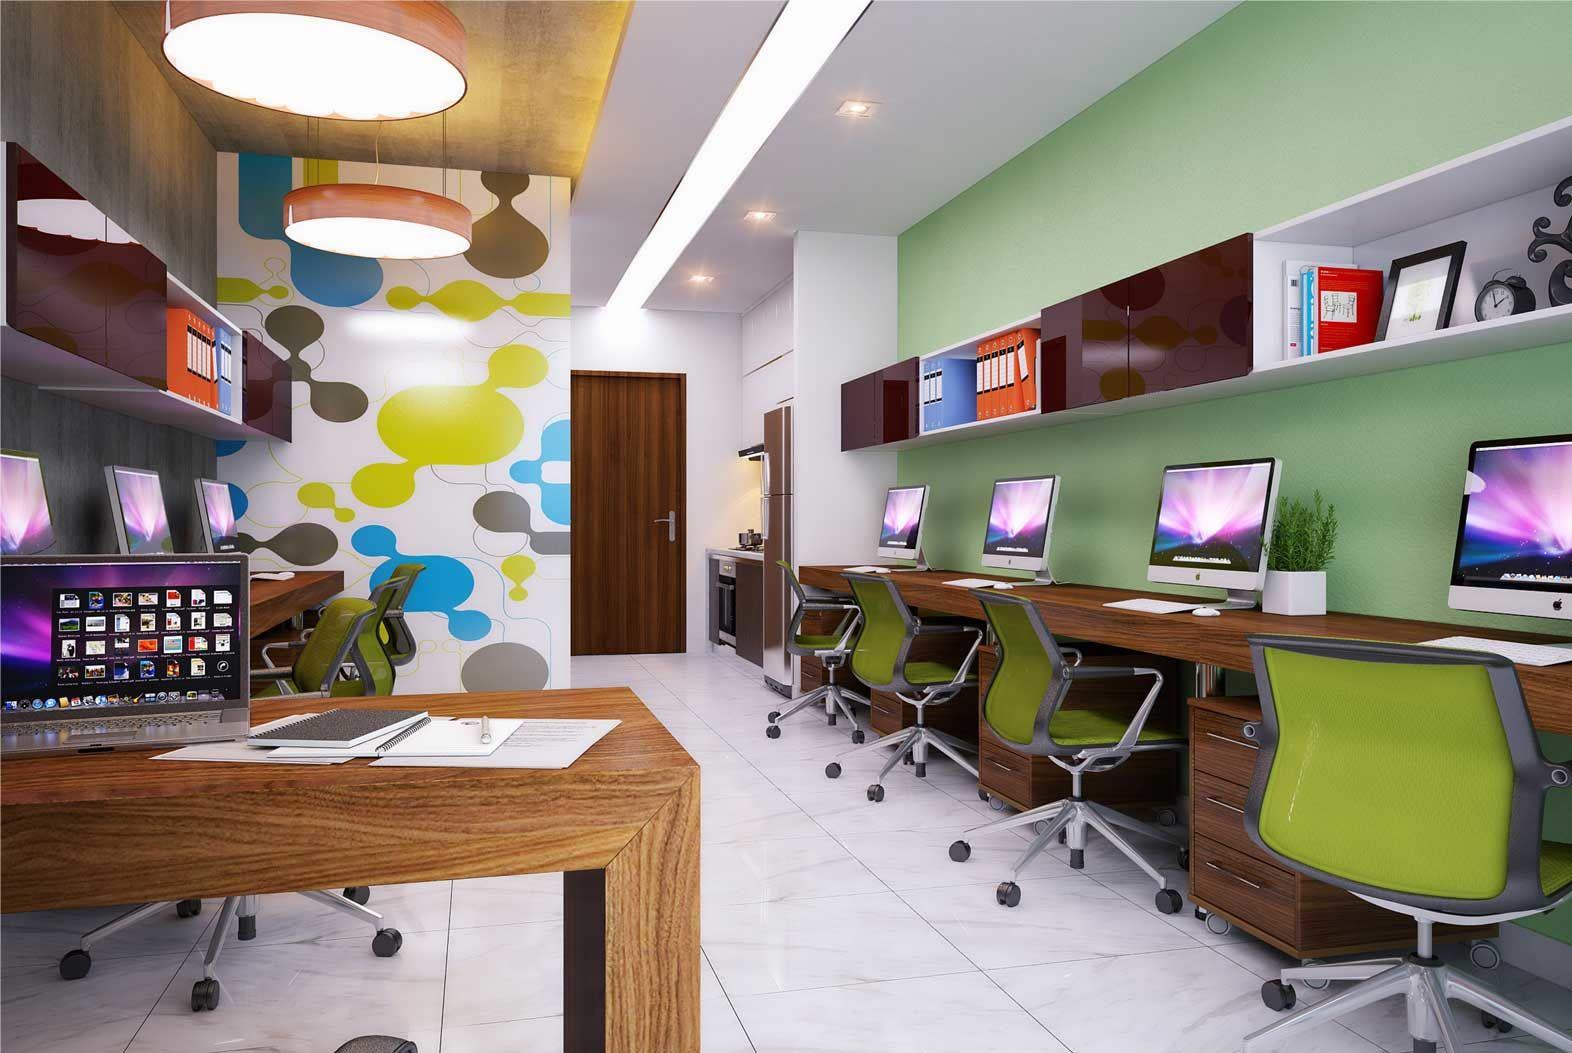 Căn hộ Officetel là gì ? Tại sao nên tìm hiểu trước khi Mua